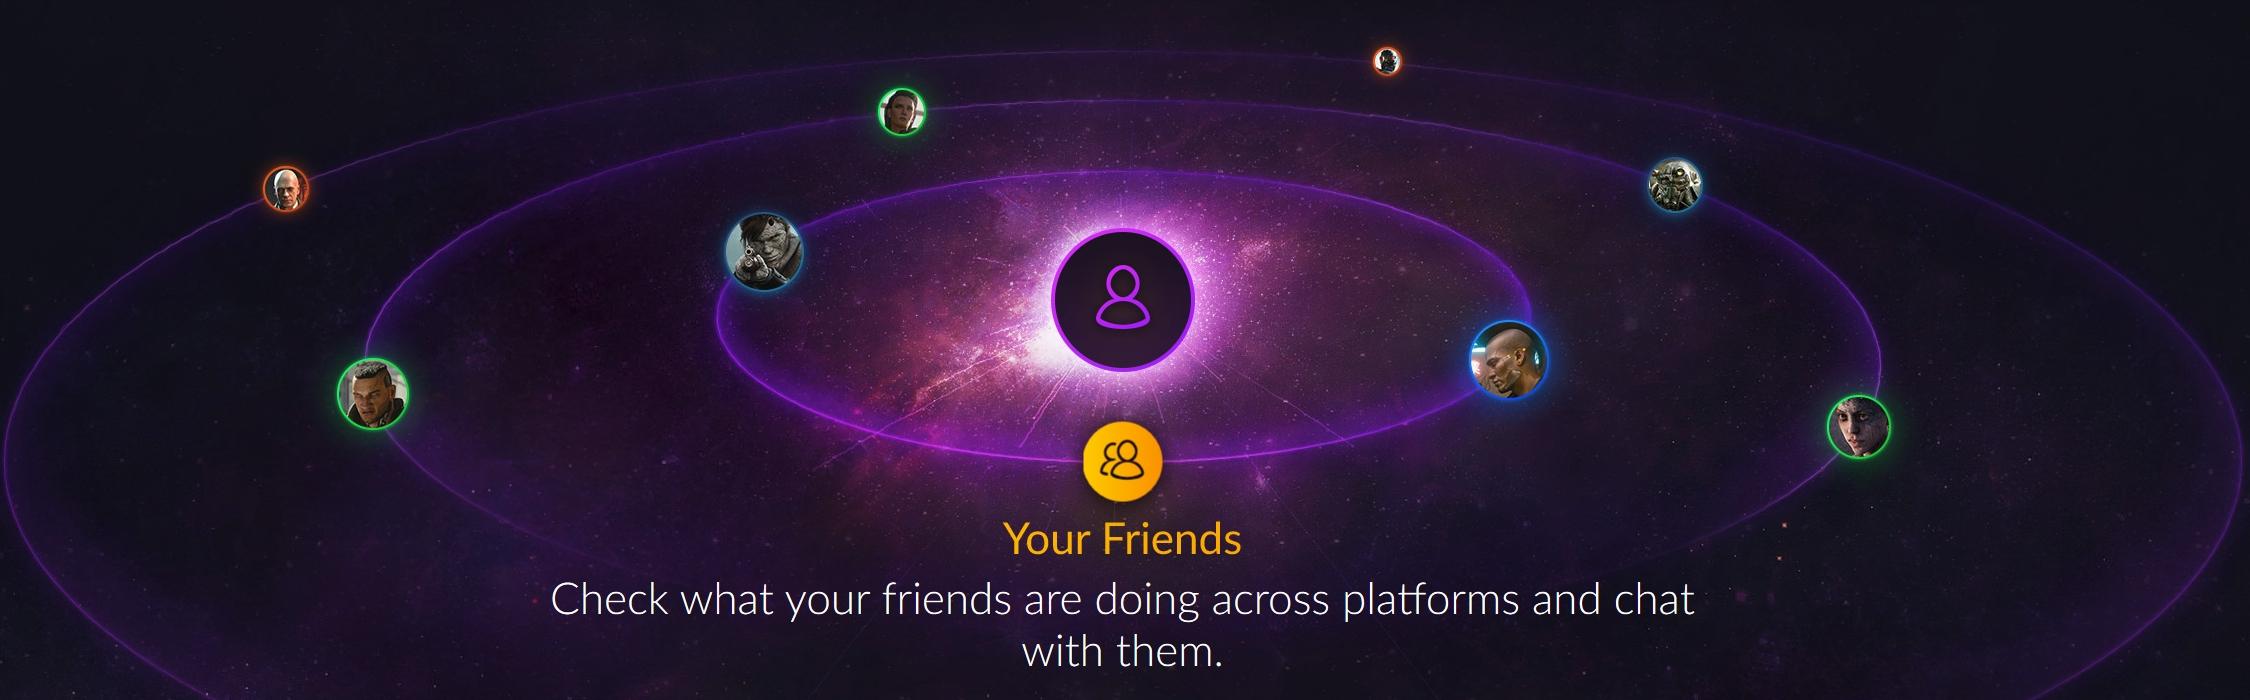 GOG-Galaxy-2.0-02-Friends.jpg